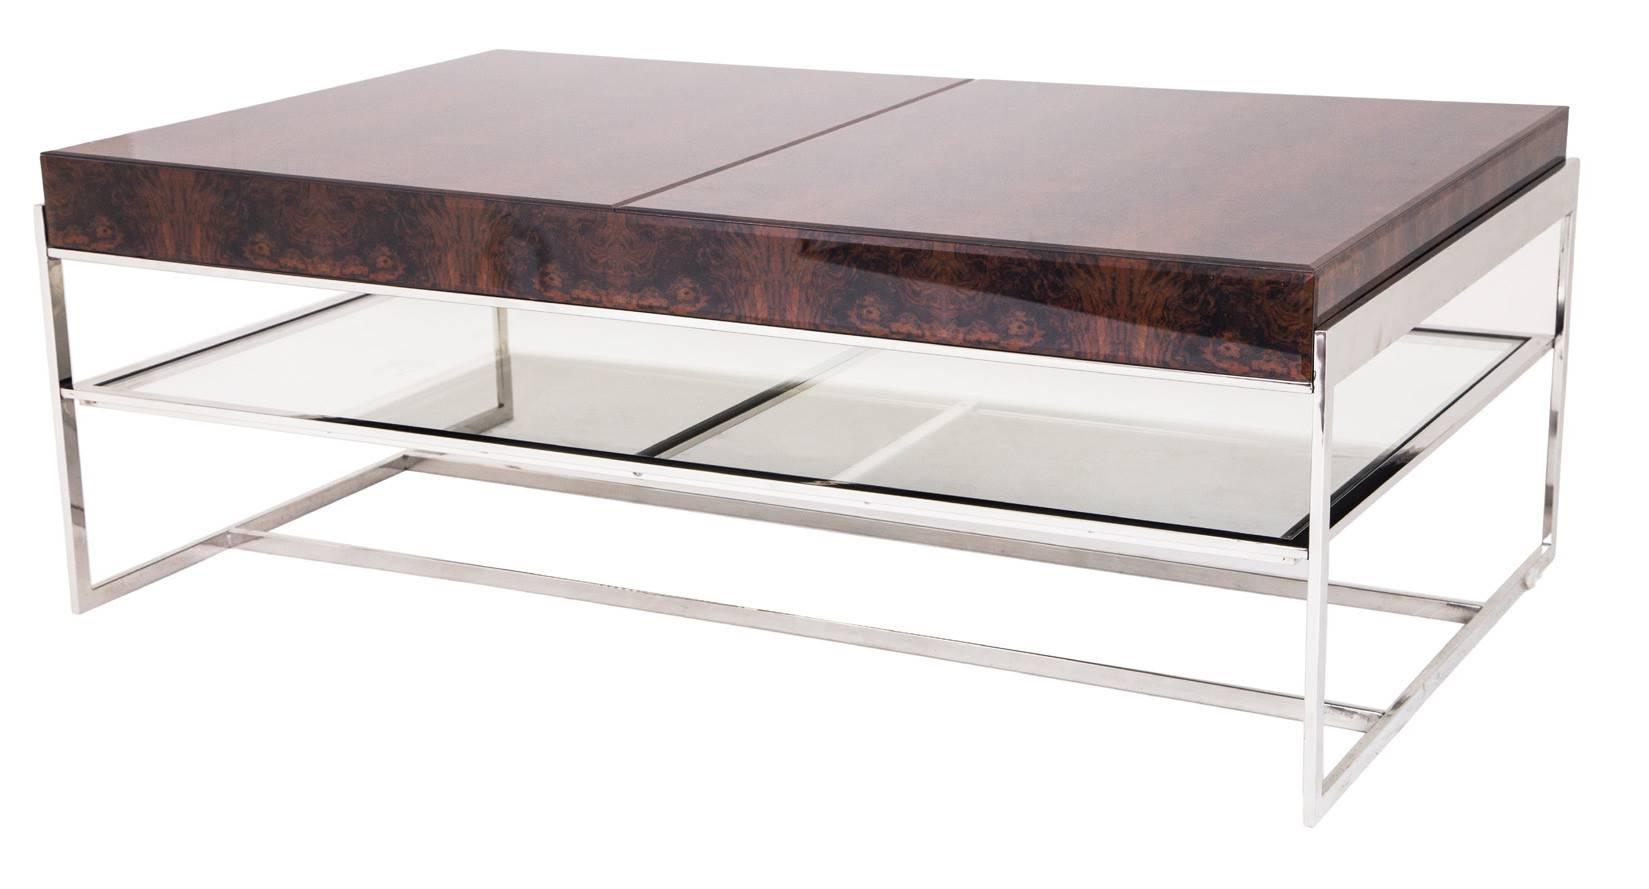 Elegance Chrome Coffee Table Design Idea – Contemporary Glass And with Glass Chrome Coffee Tables (Image 9 of 30)